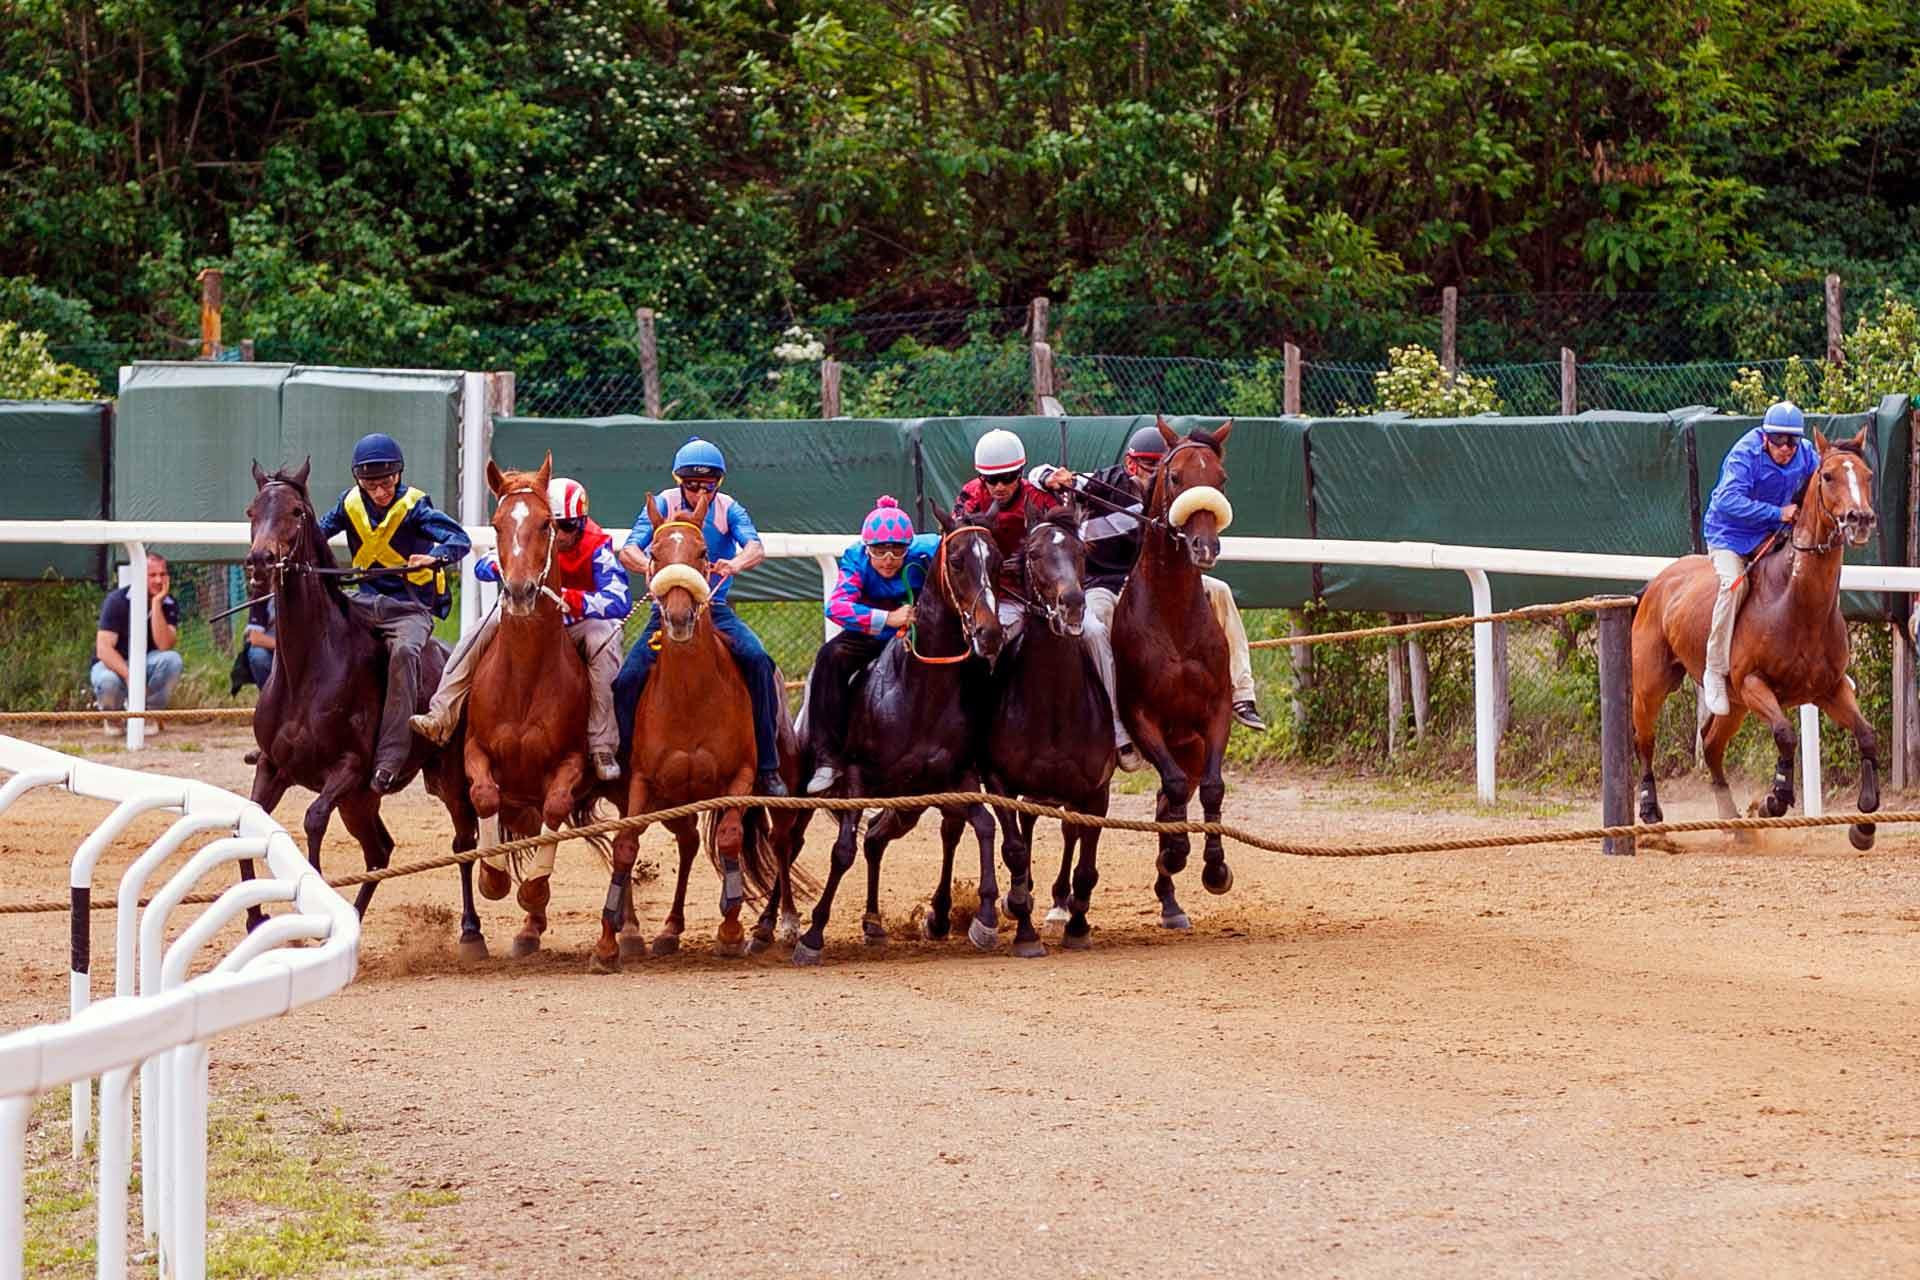 COURSES D'ESSAI D'ENTRAINEMENT - La course qui aura lieu ? Sienne le jour du Palio est simul?e. Le comportement des chevaux parmi les cordes est test?, avec les autres chevaux, dans les phases pr?c?dant le d?part.